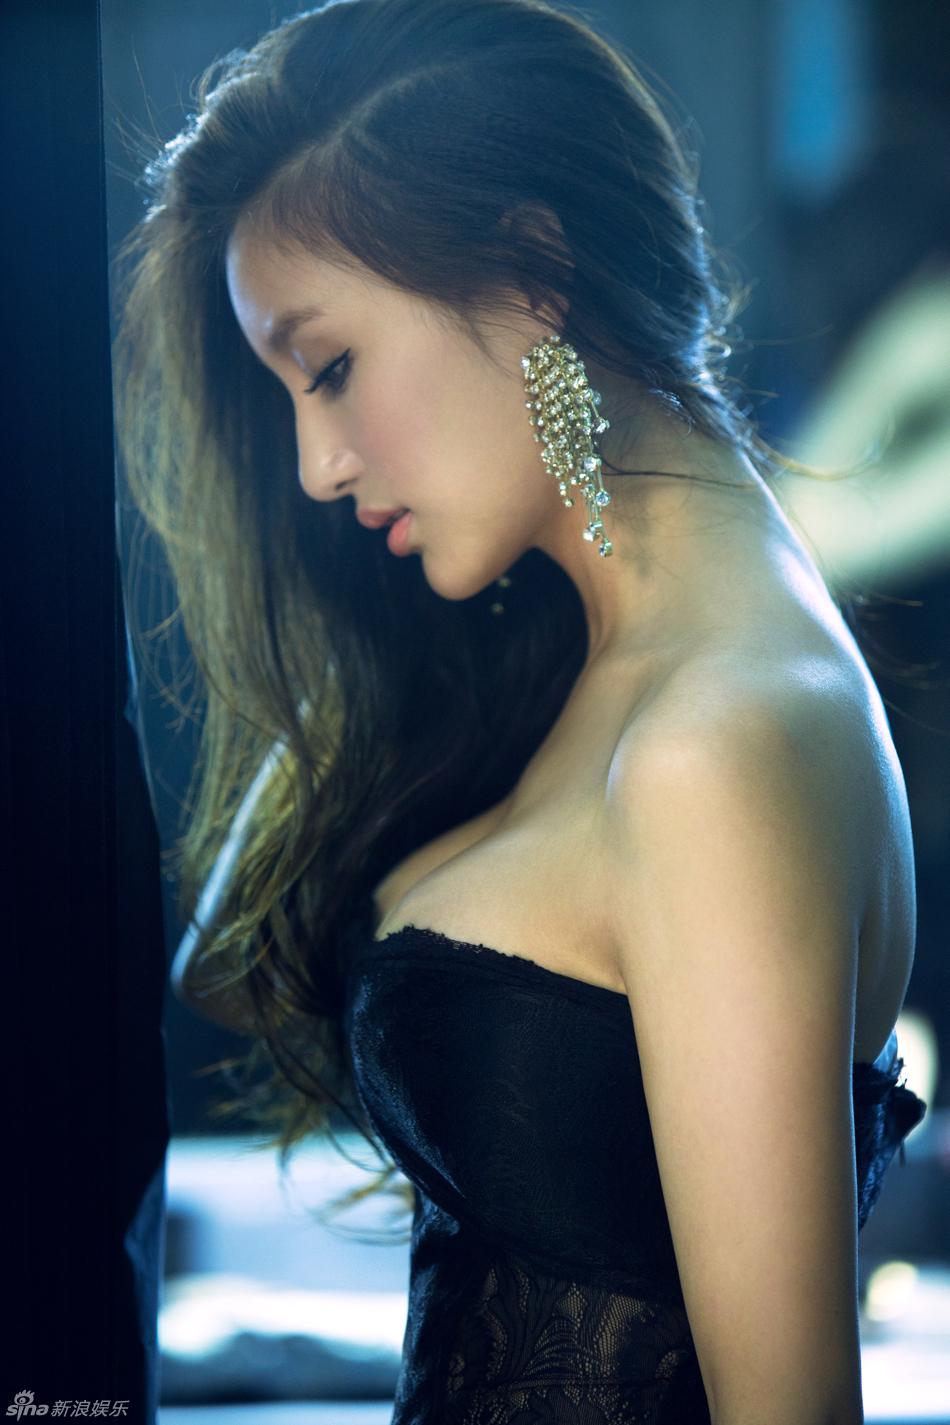 黑人模特美女图片 147tp欧美内衣美女高清图片下载 - 素材之家